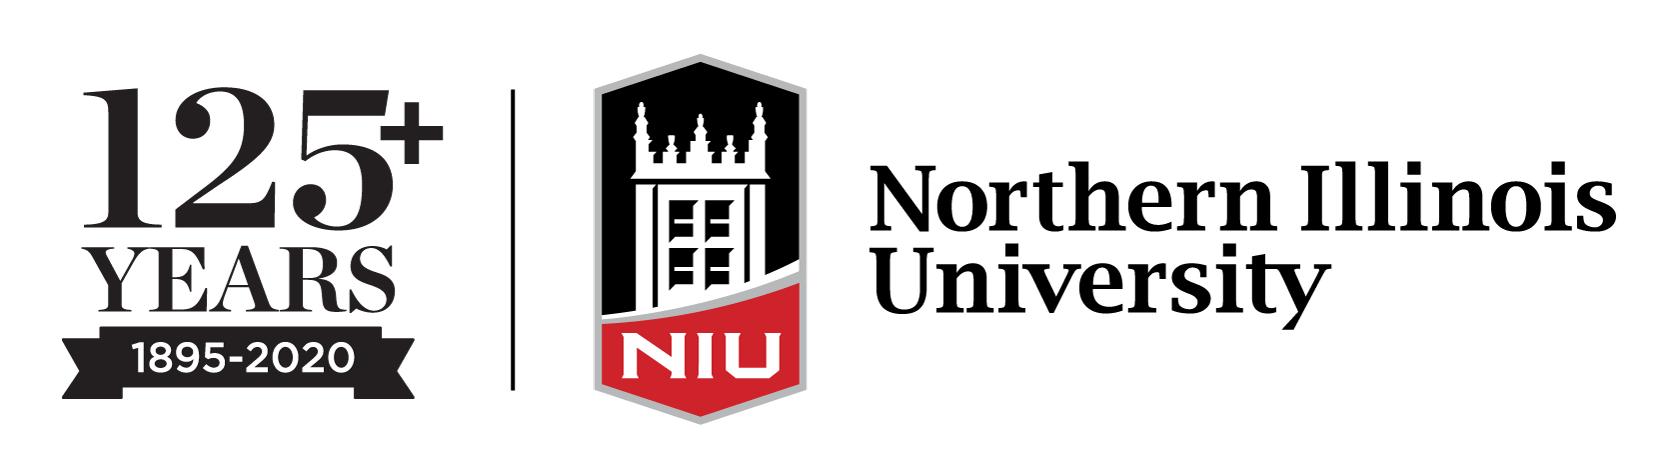 NIU 125th Anniversary logo